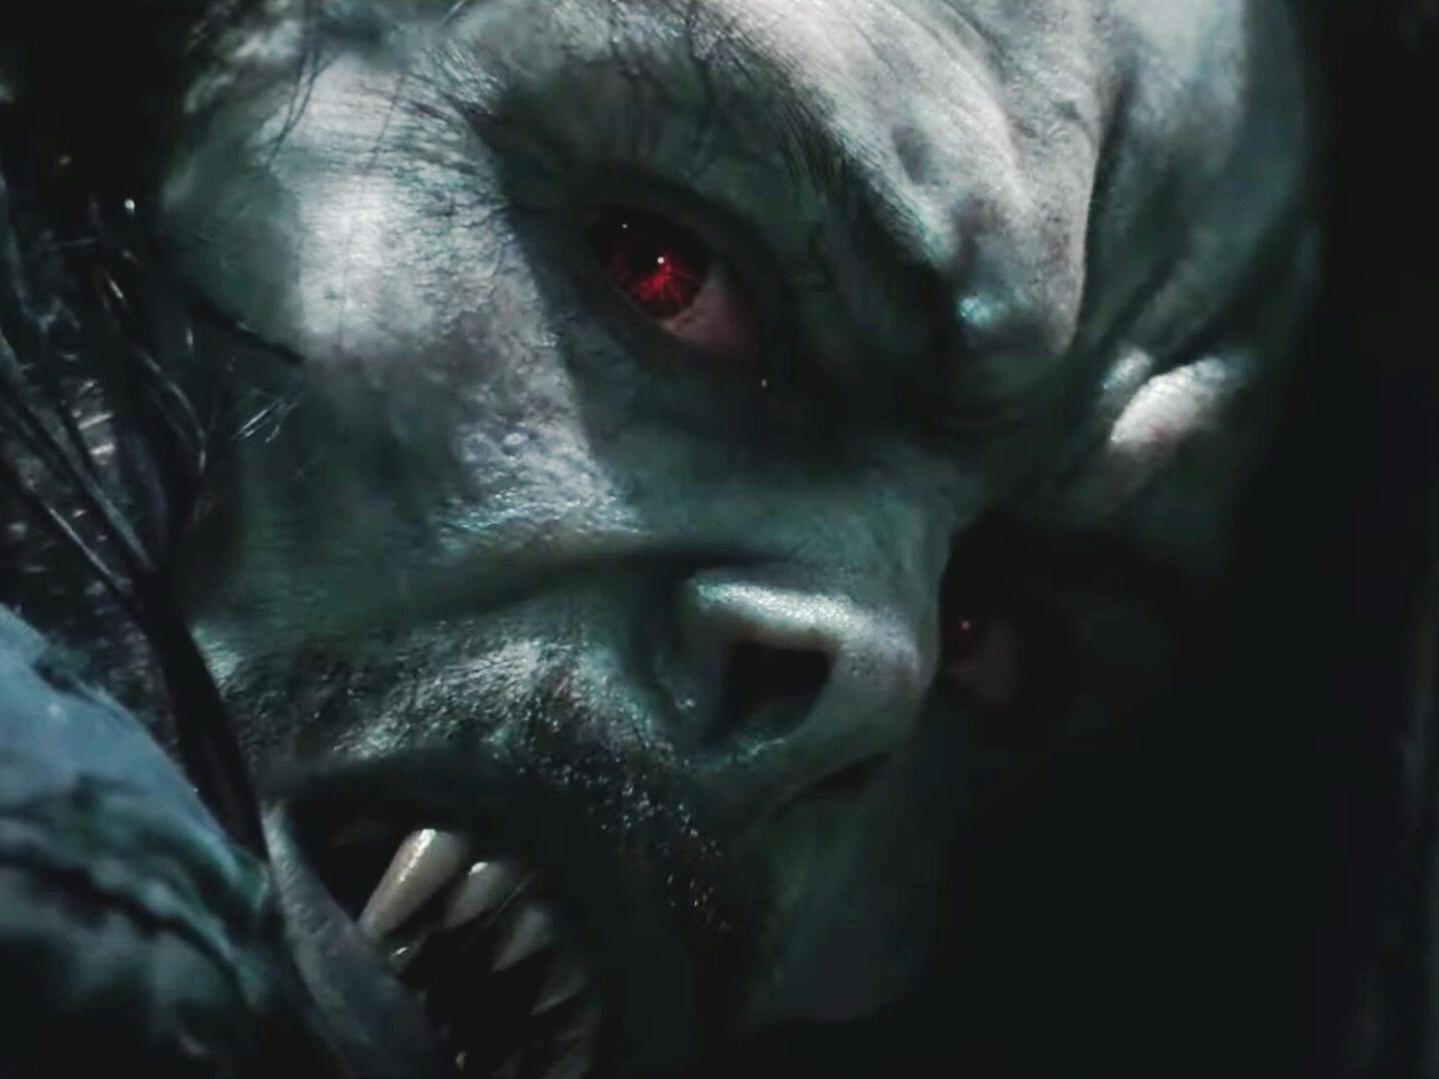 Пугающее превращение Джареда Лето в вампира в первом трейлере фильма «Морбиус» - ВИДЕО